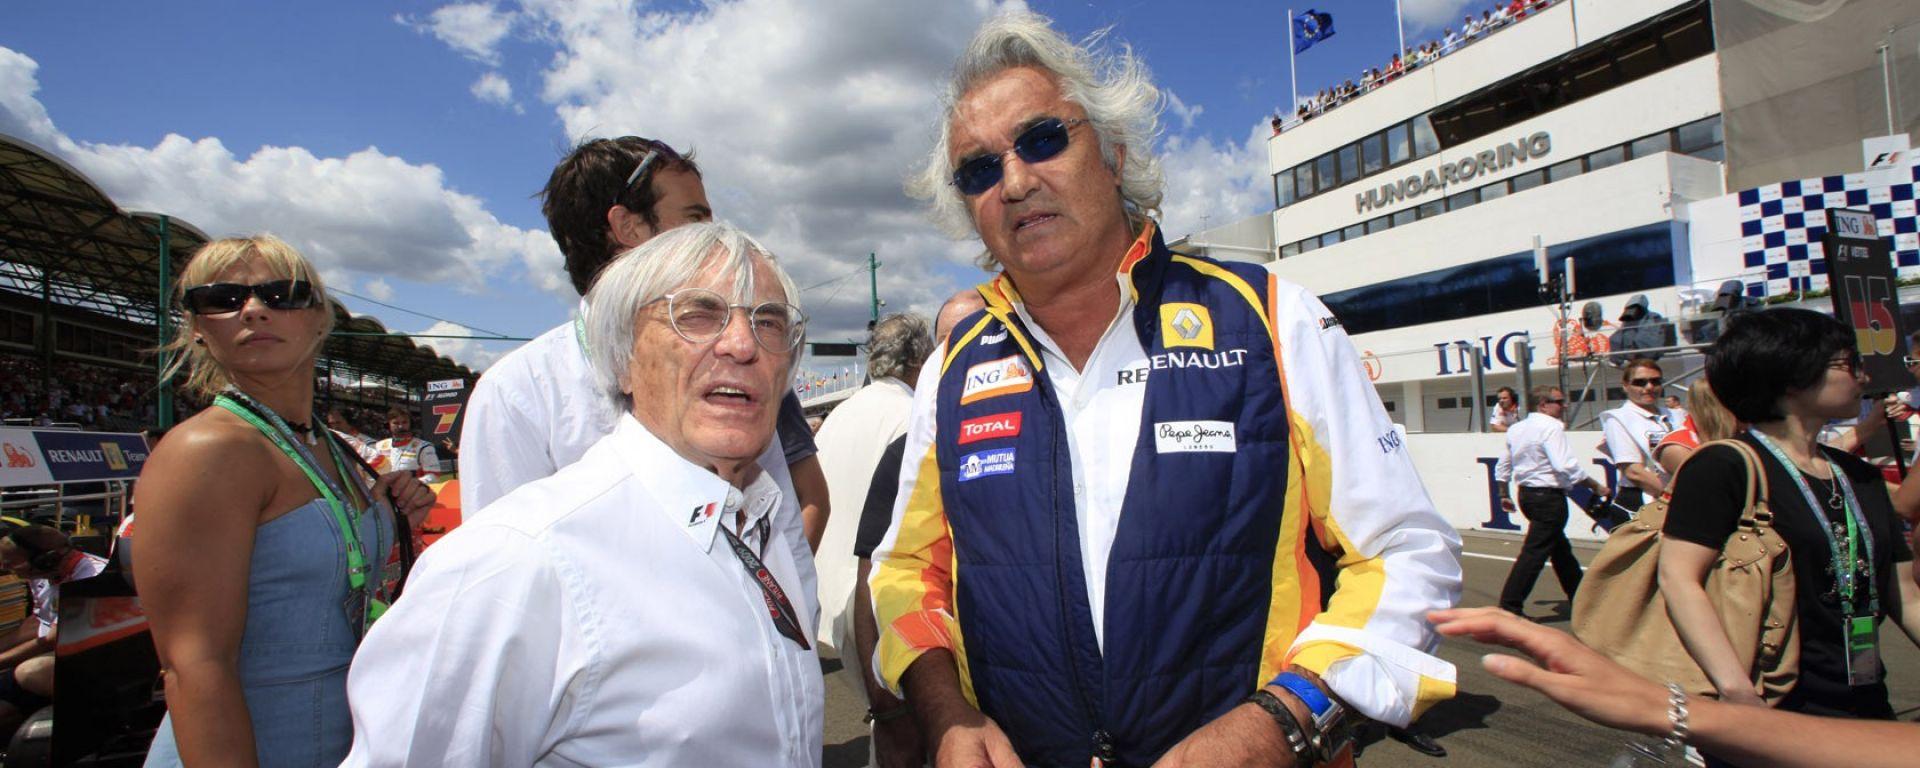 Bernie Ecclestone e Flavio Briatore - F1